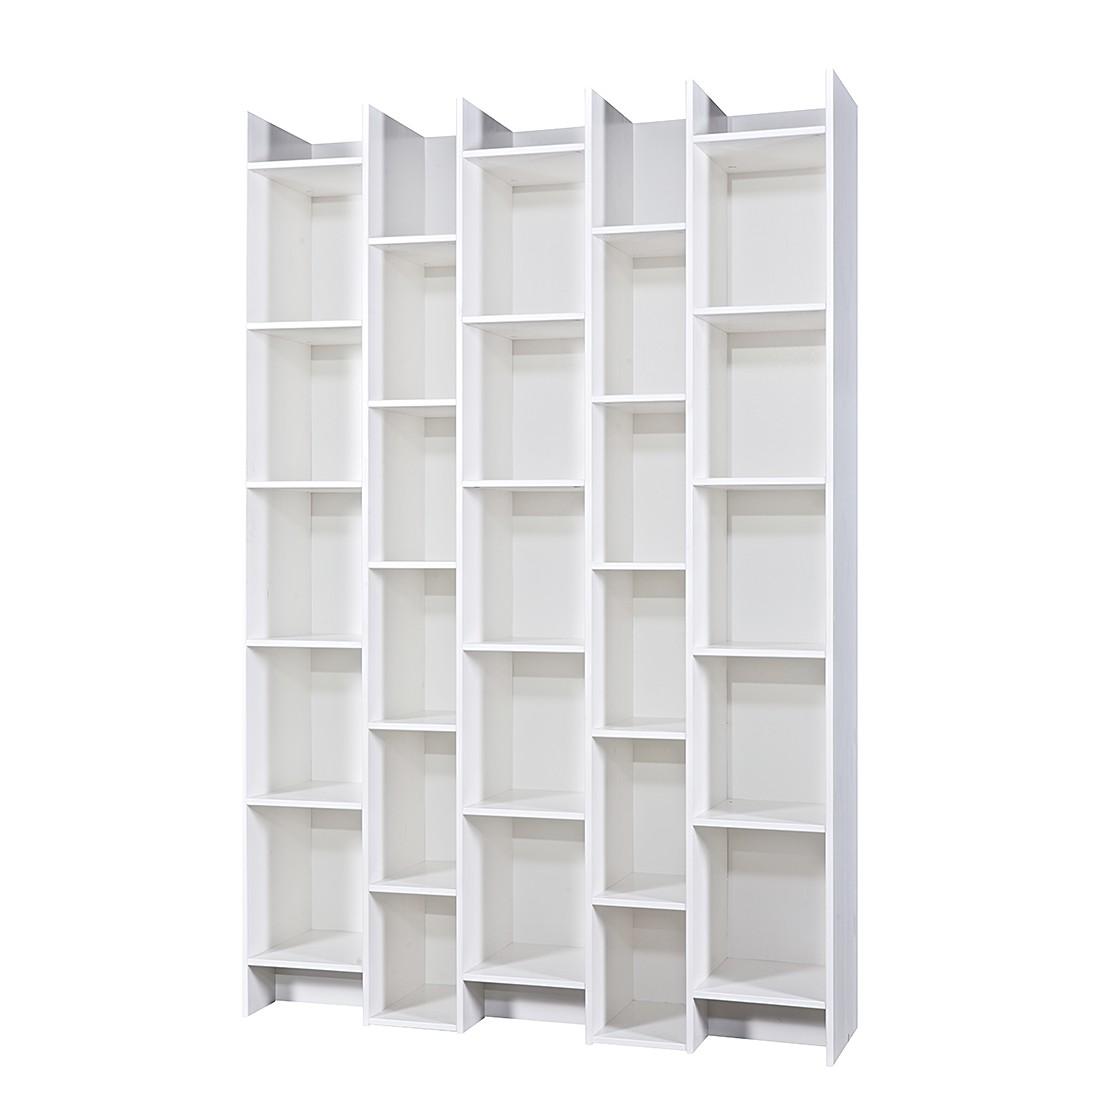 Anstellregal Expand – Pinie massiv – Weiß, Woood günstig